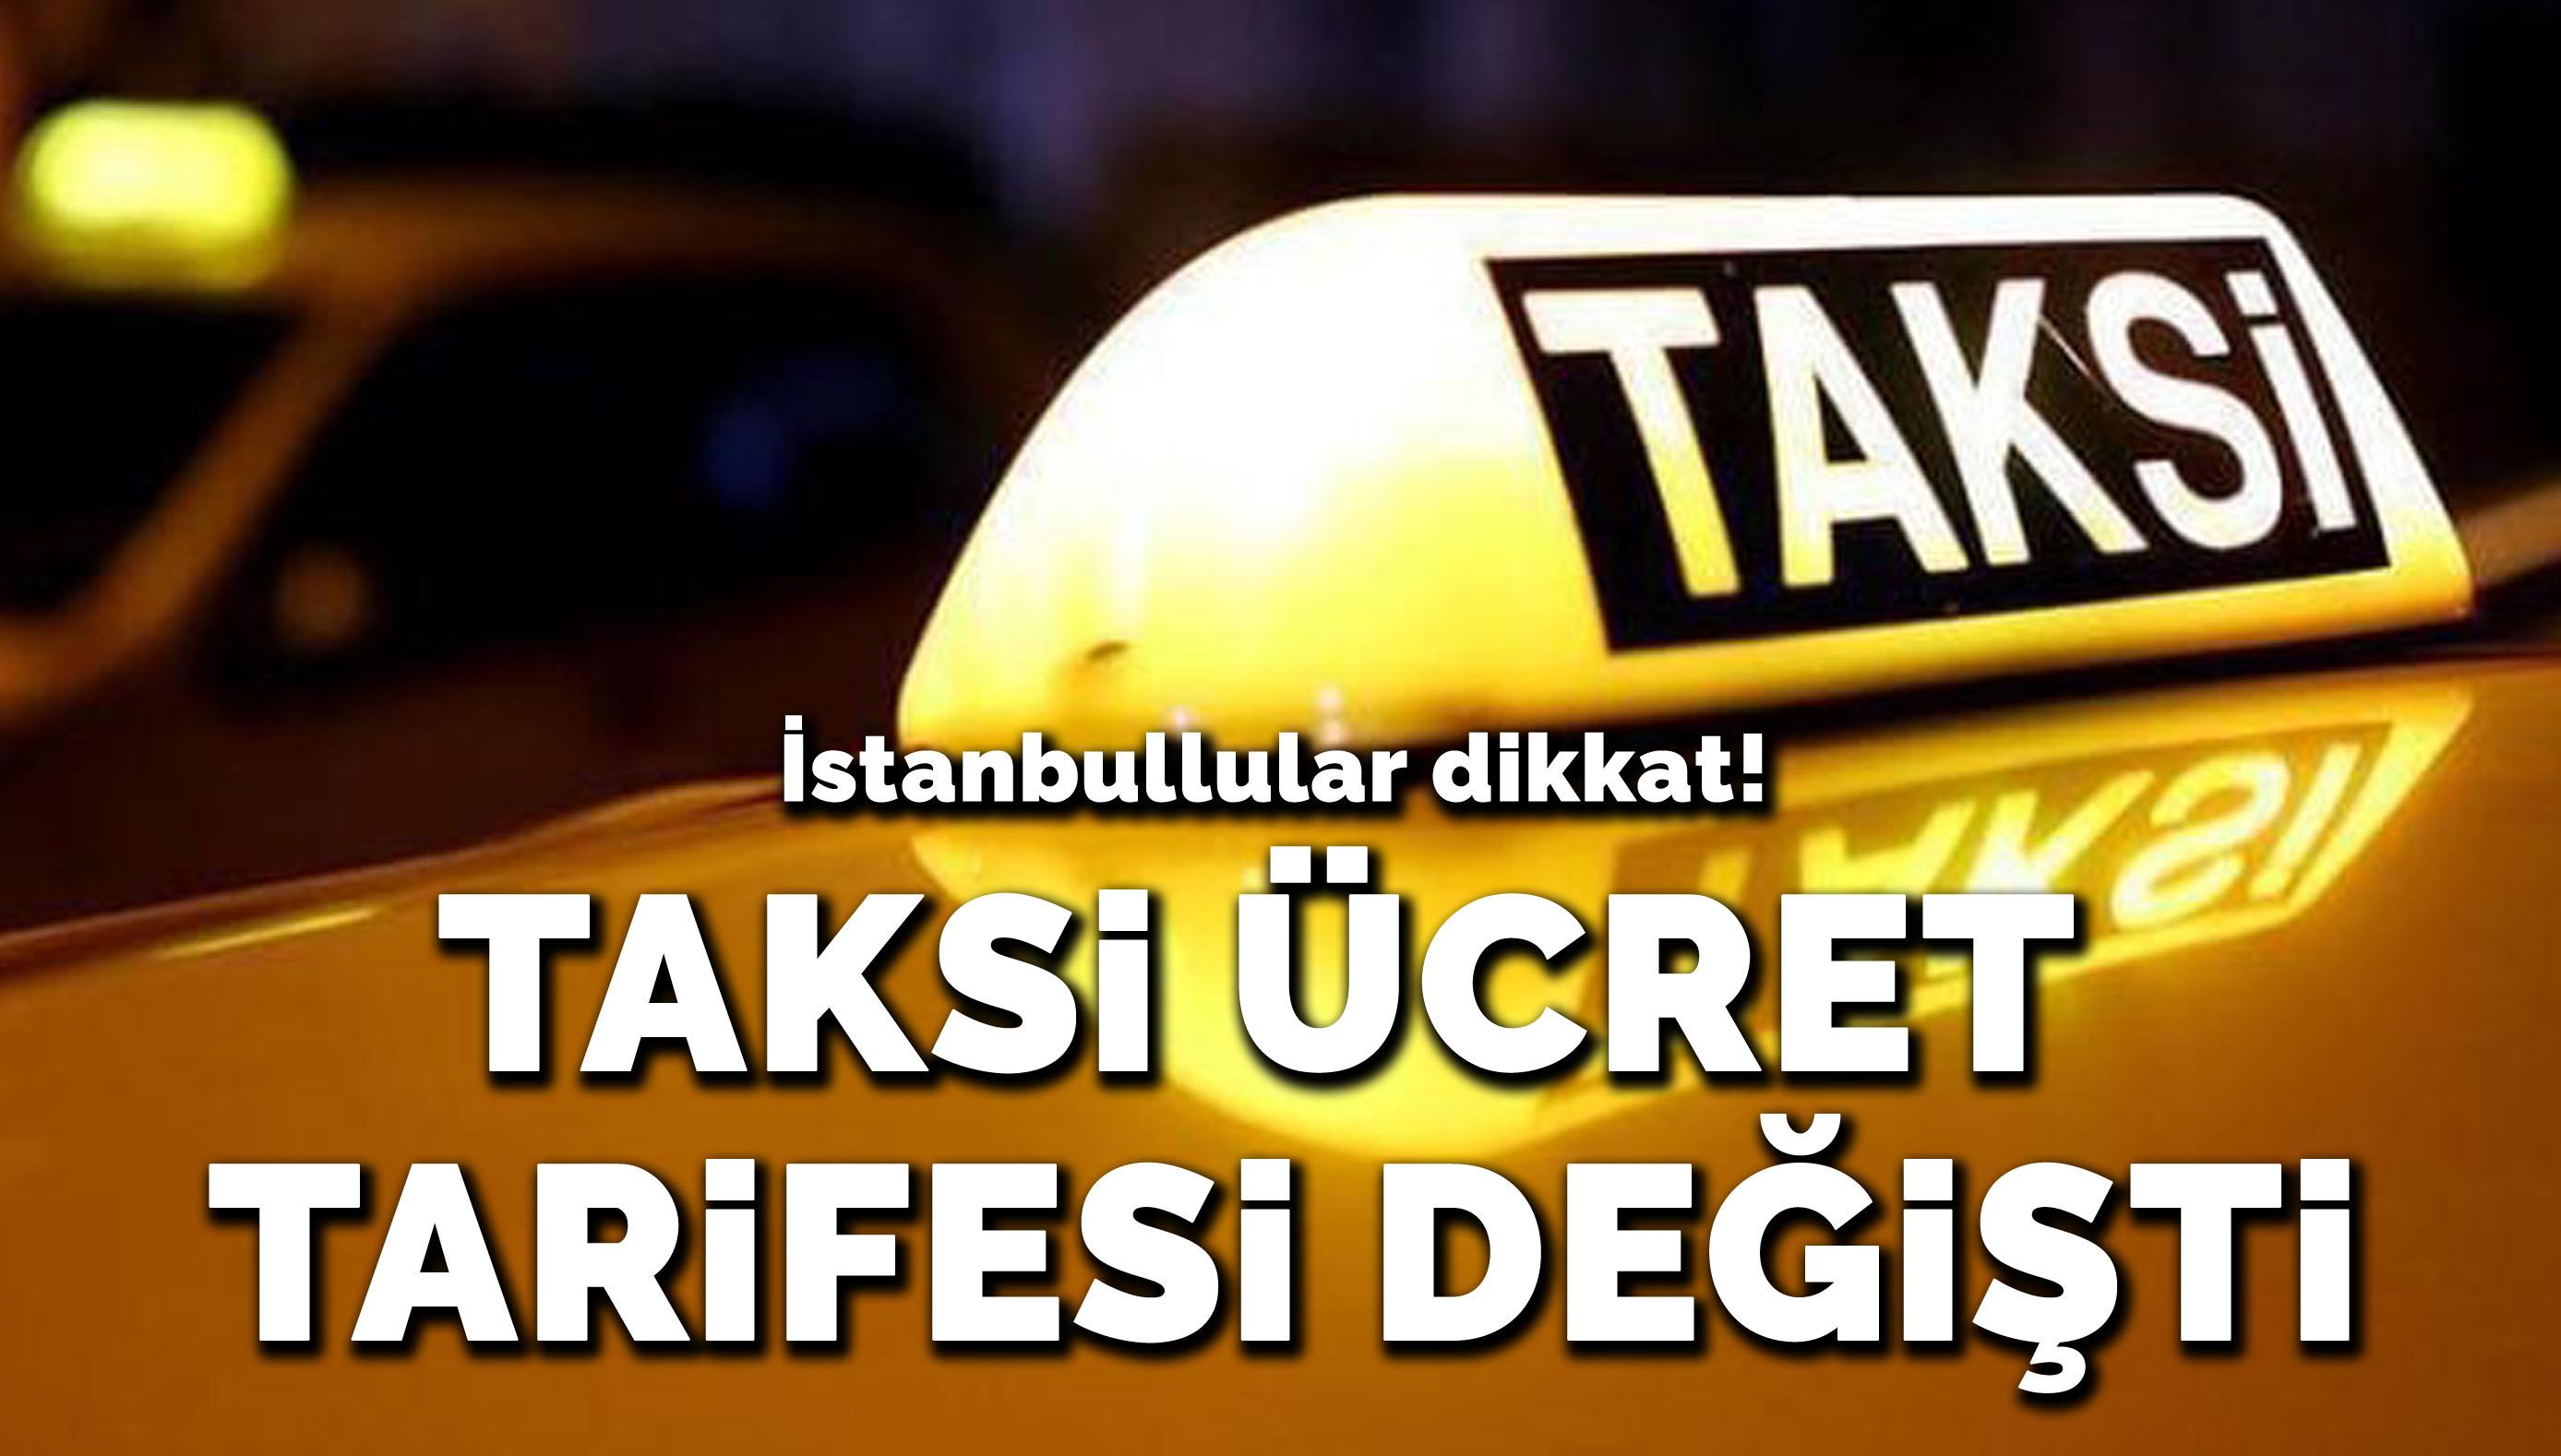 İstanbullular dikkat! Taksi ücret tarifesi değişti